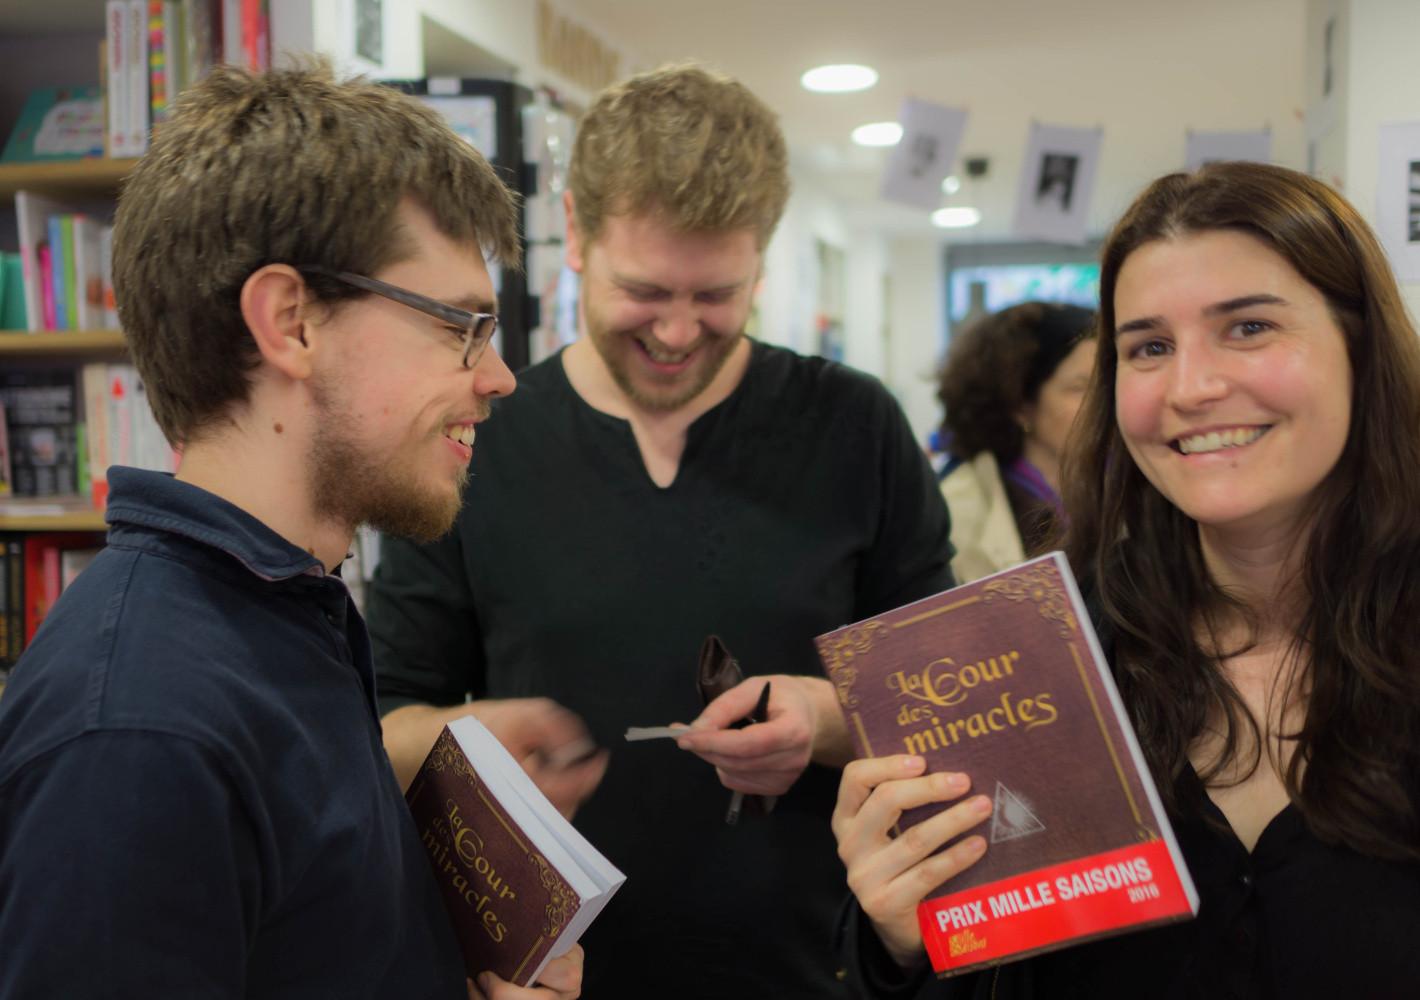 Danü Danquigny entouré de ses fans à la librairie Le Livre et la Tortue.